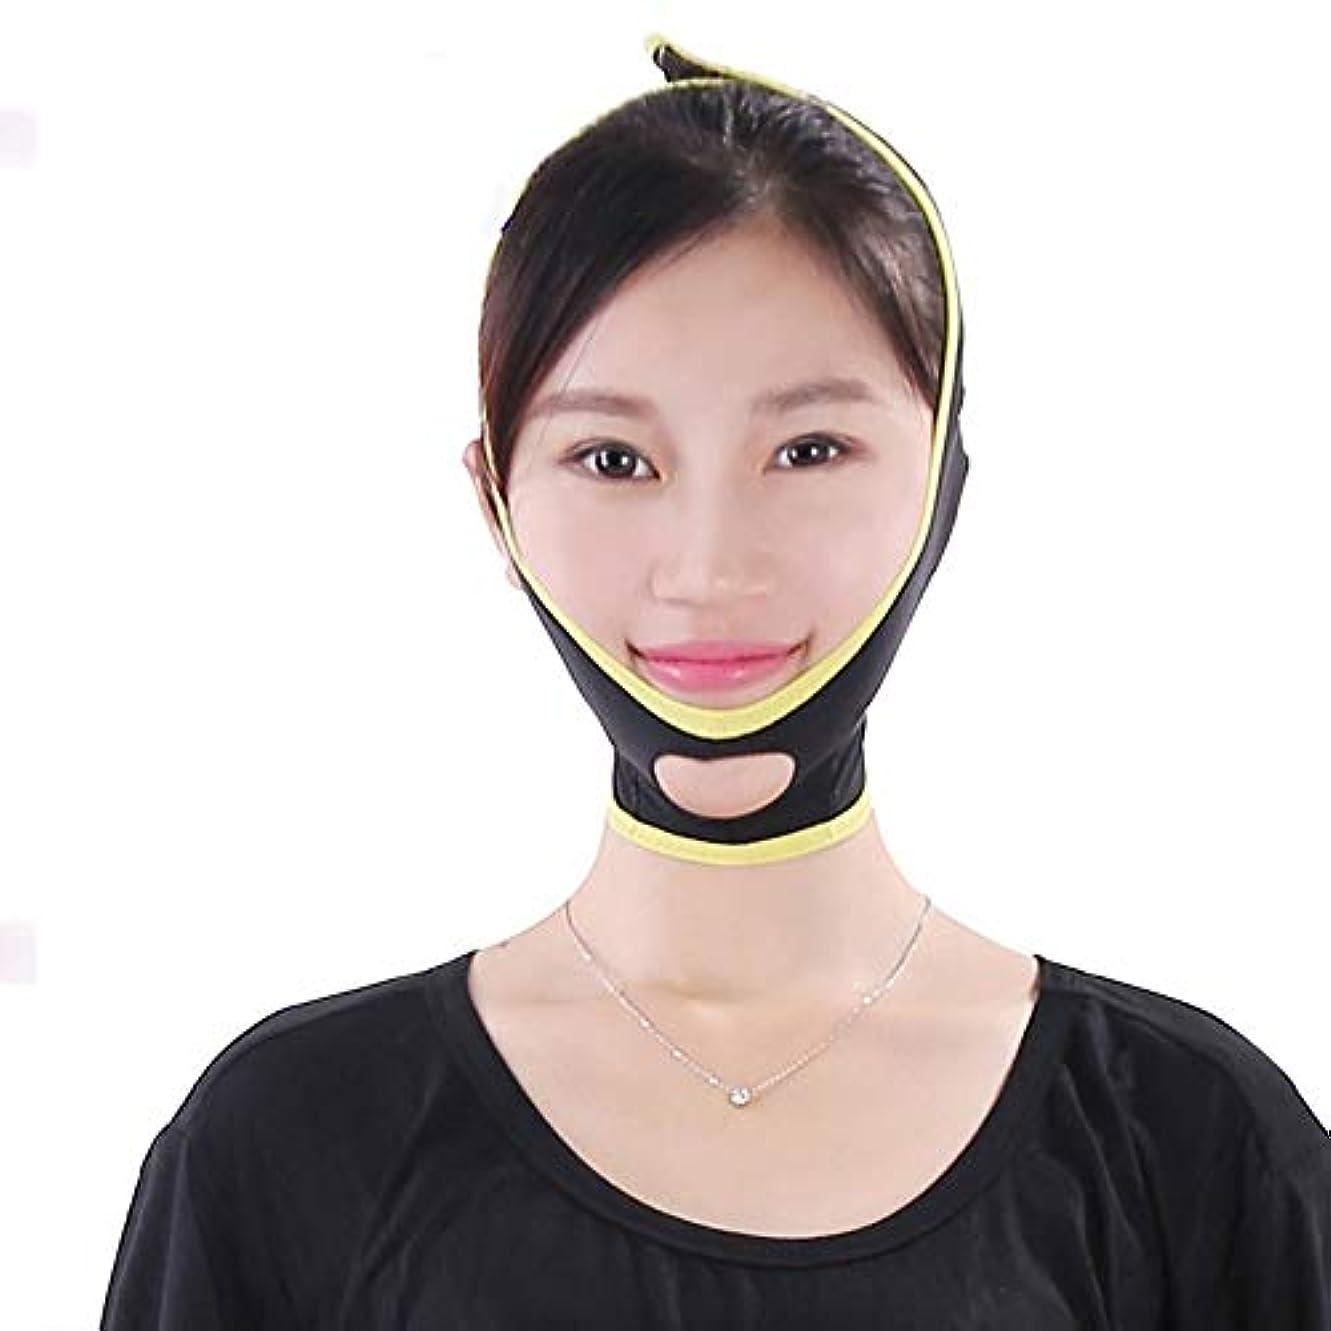 測定可能成功したラッドヤードキップリングVフェイスマスク、フェイスリフティングアーティファクト、美容マスク、顔のしわ防止、減量、二重あご